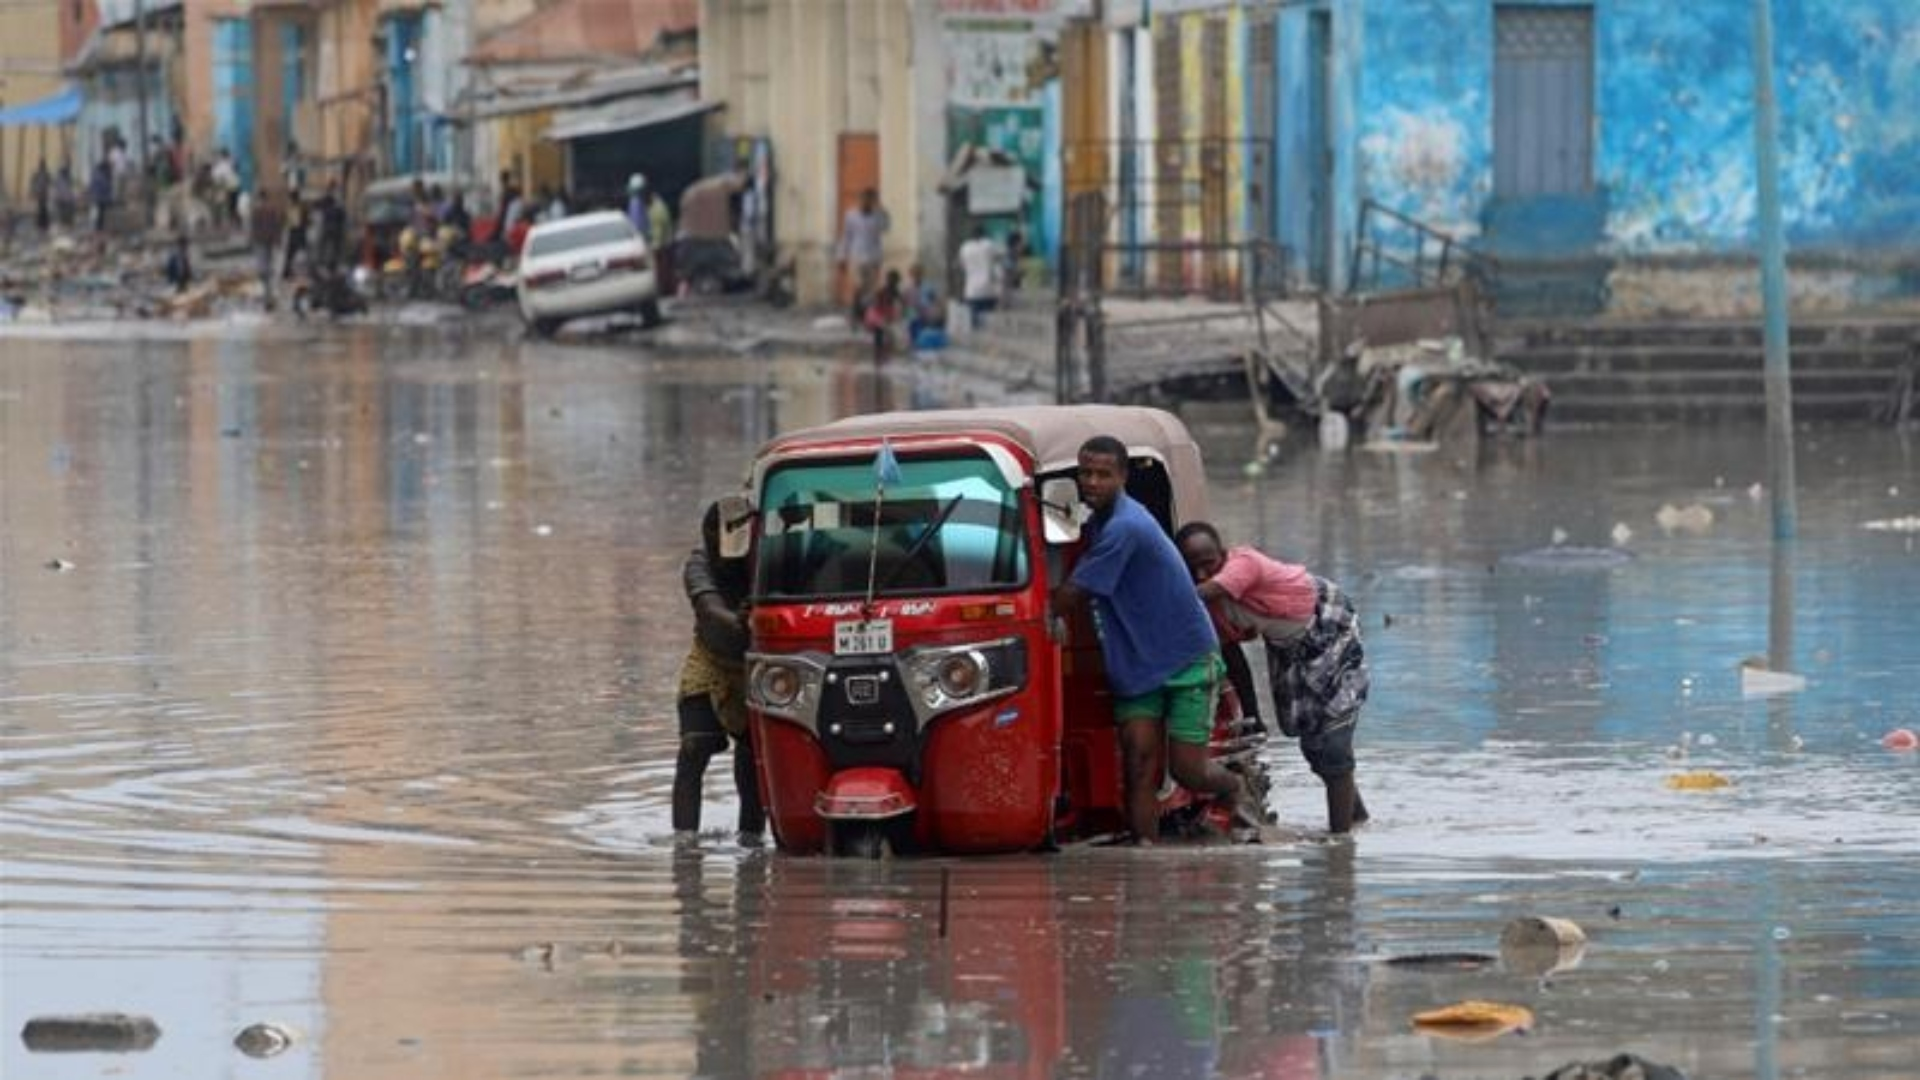 flooding in nairobi kenya